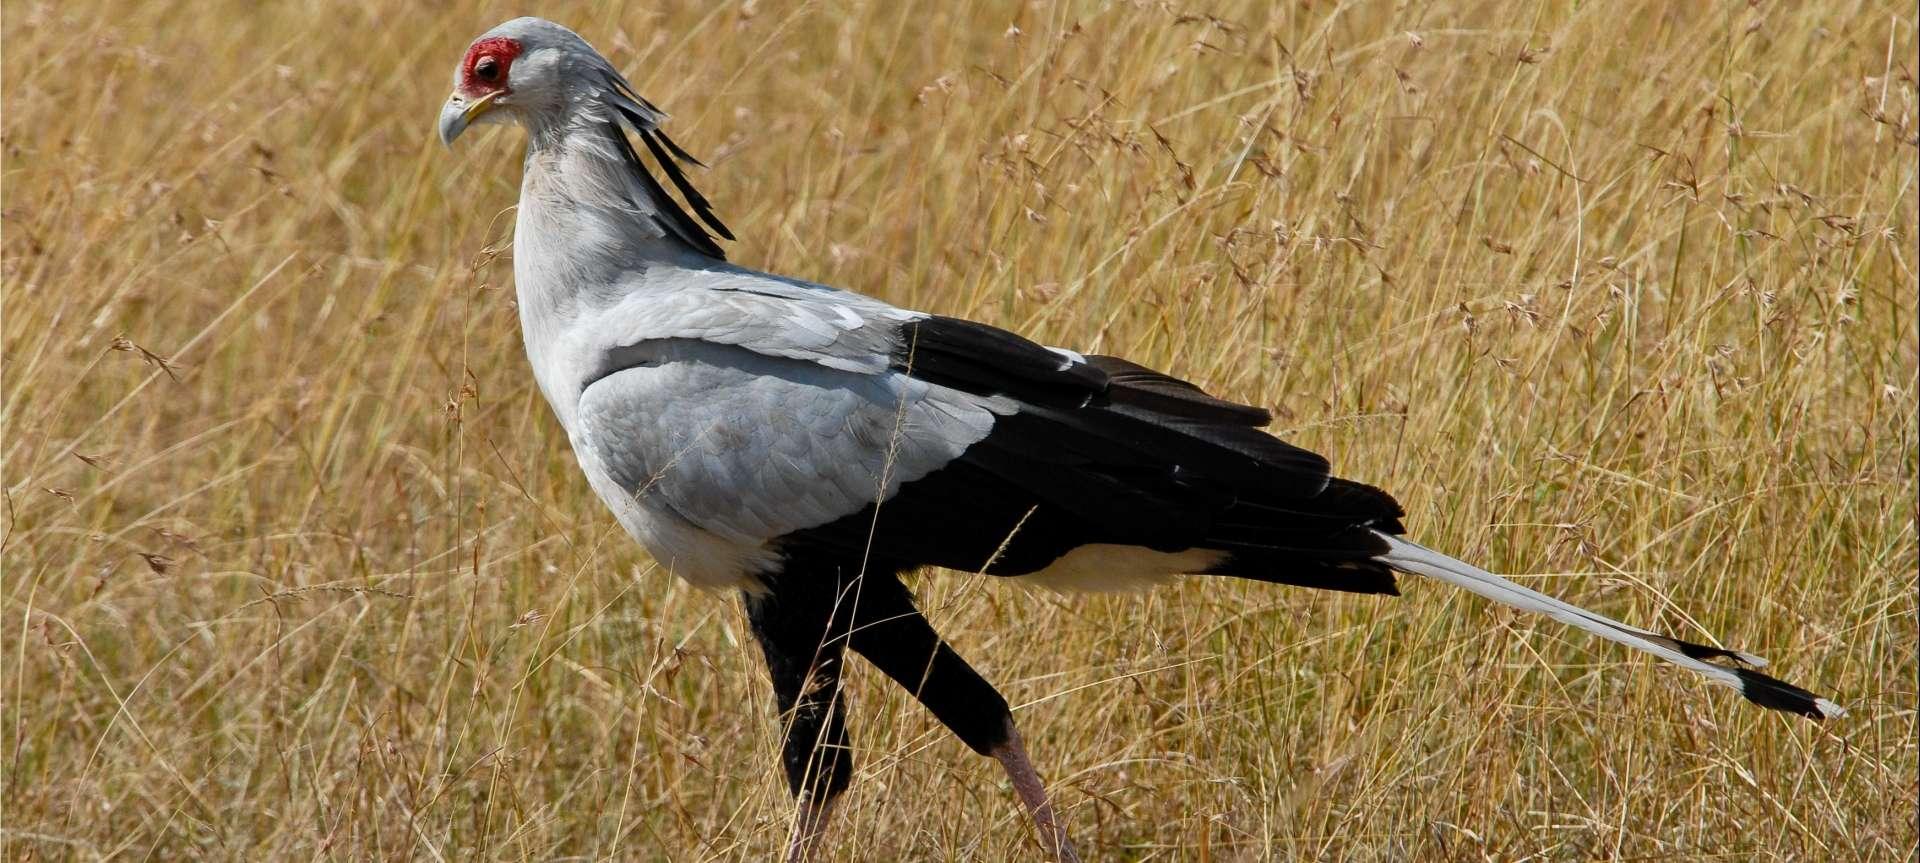 Birding Safaris in Africa - Africa Wildlife Safaris